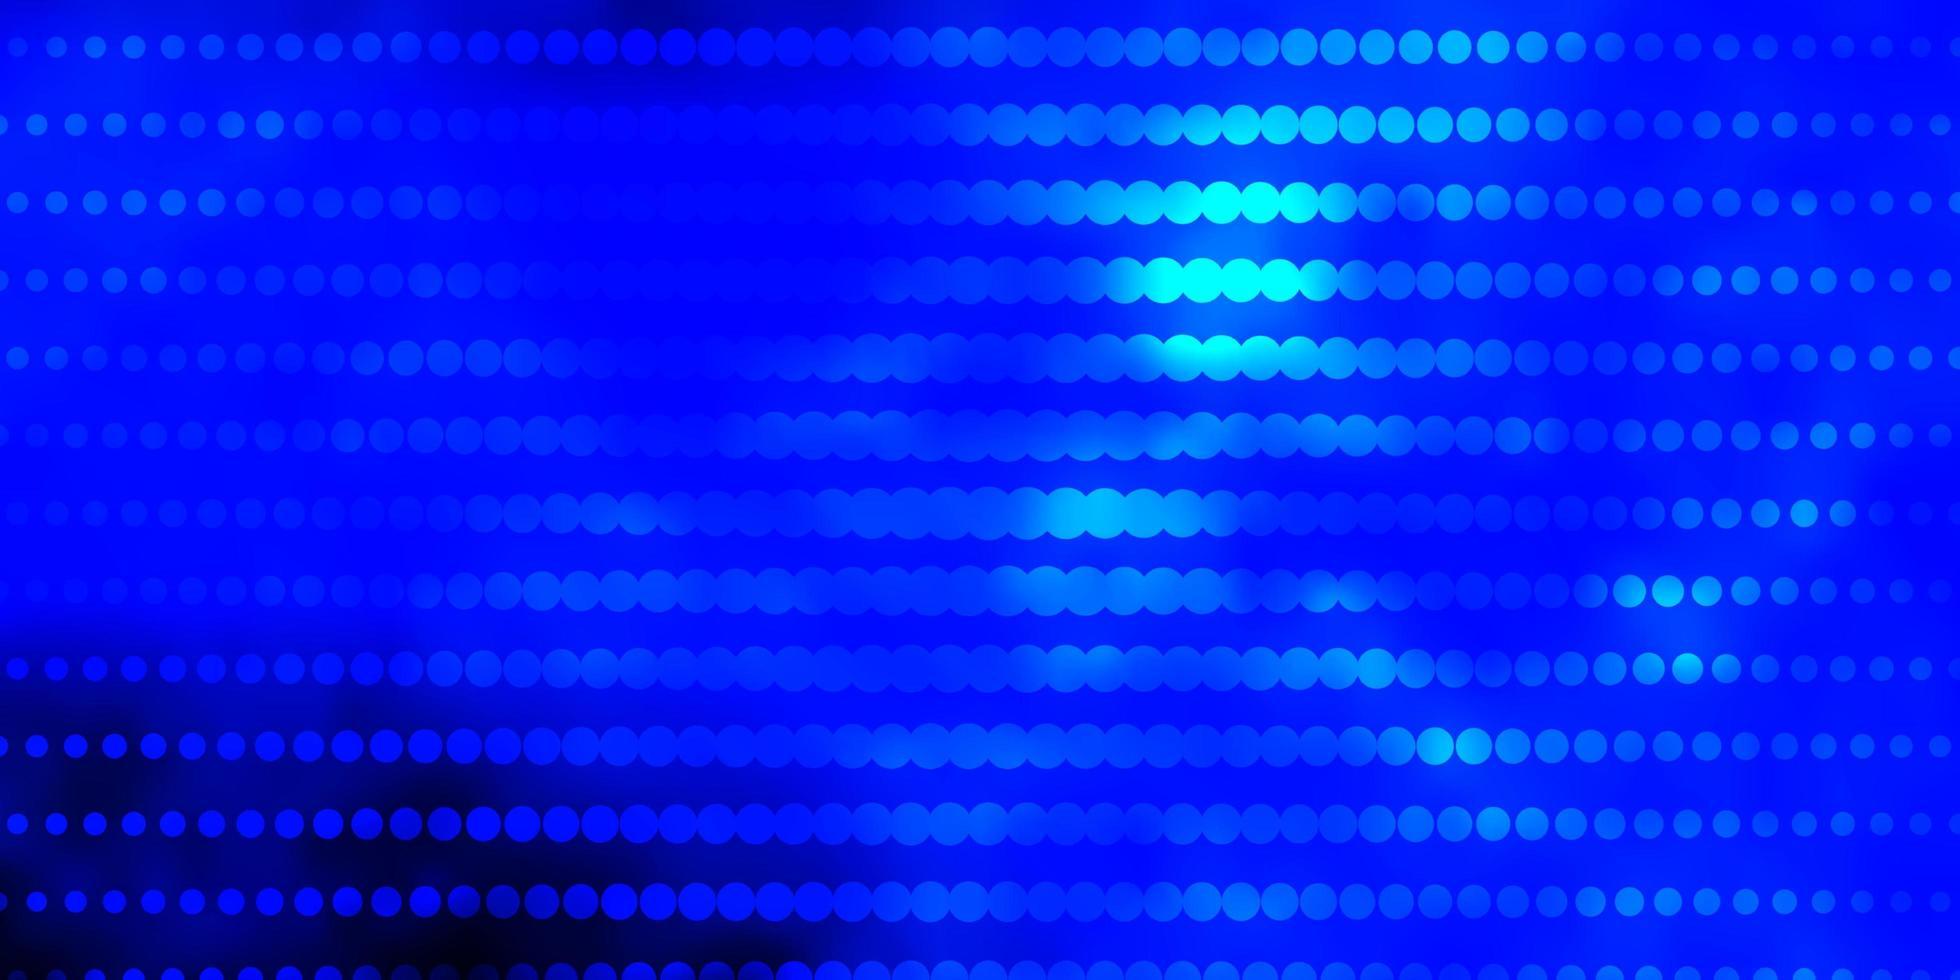 textura azul com círculos. vetor